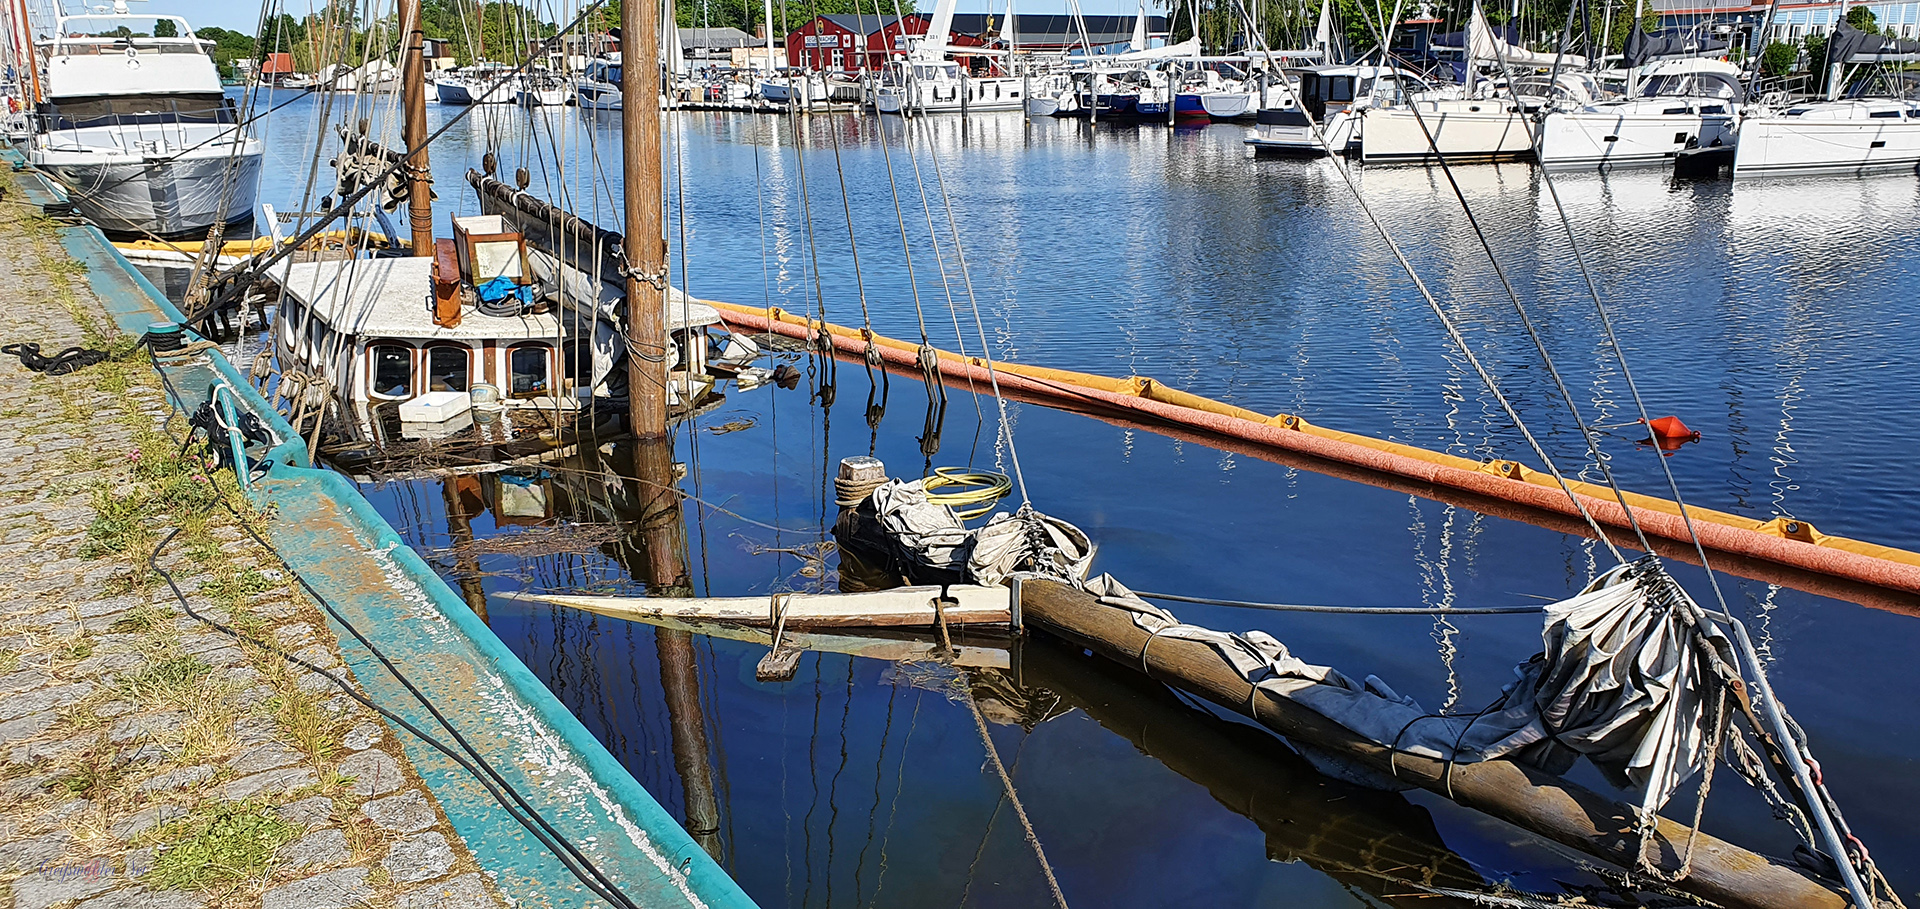 """Holzkutter """"Antigua"""" im Museumshafen Greifswald gesunken"""